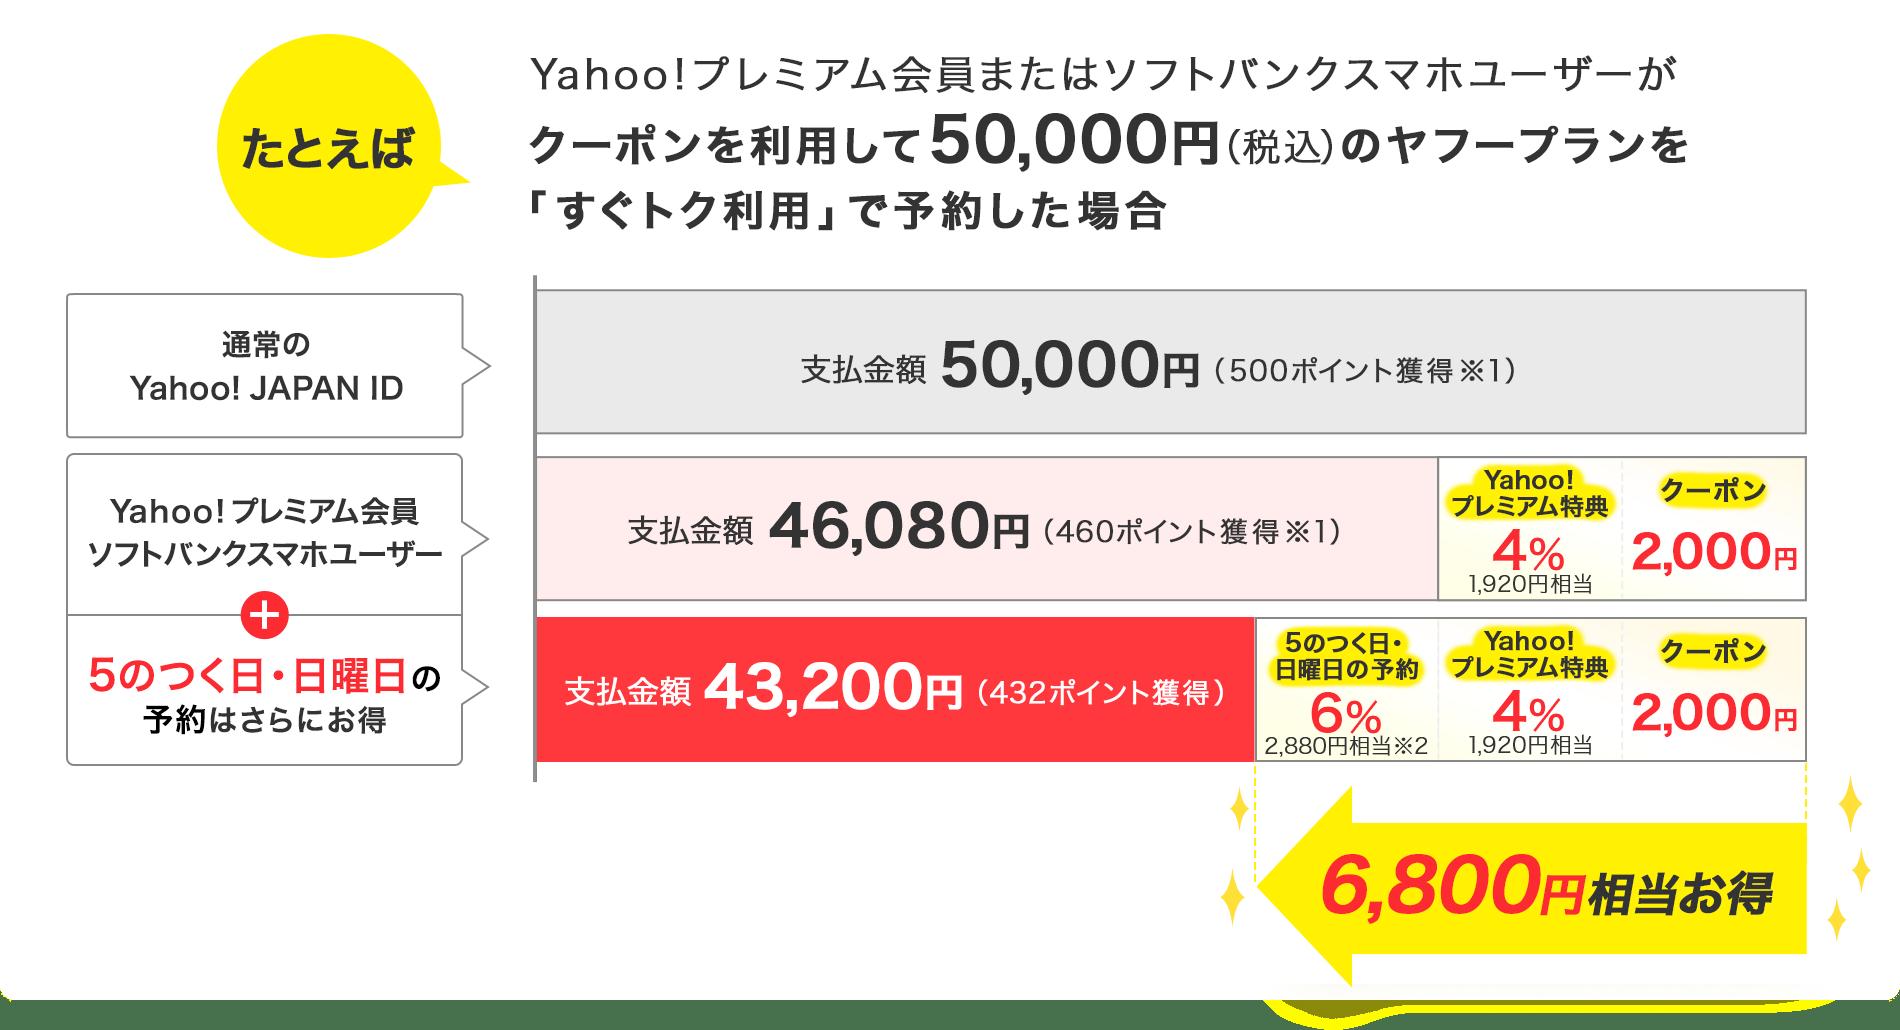 たとえばソフトバンクスマホユーザーまたは、Yahoo!プレミアム会員がクーポンを利用して、50,000円(税込)のヤフープランを「すぐトク利用」で予約した場合